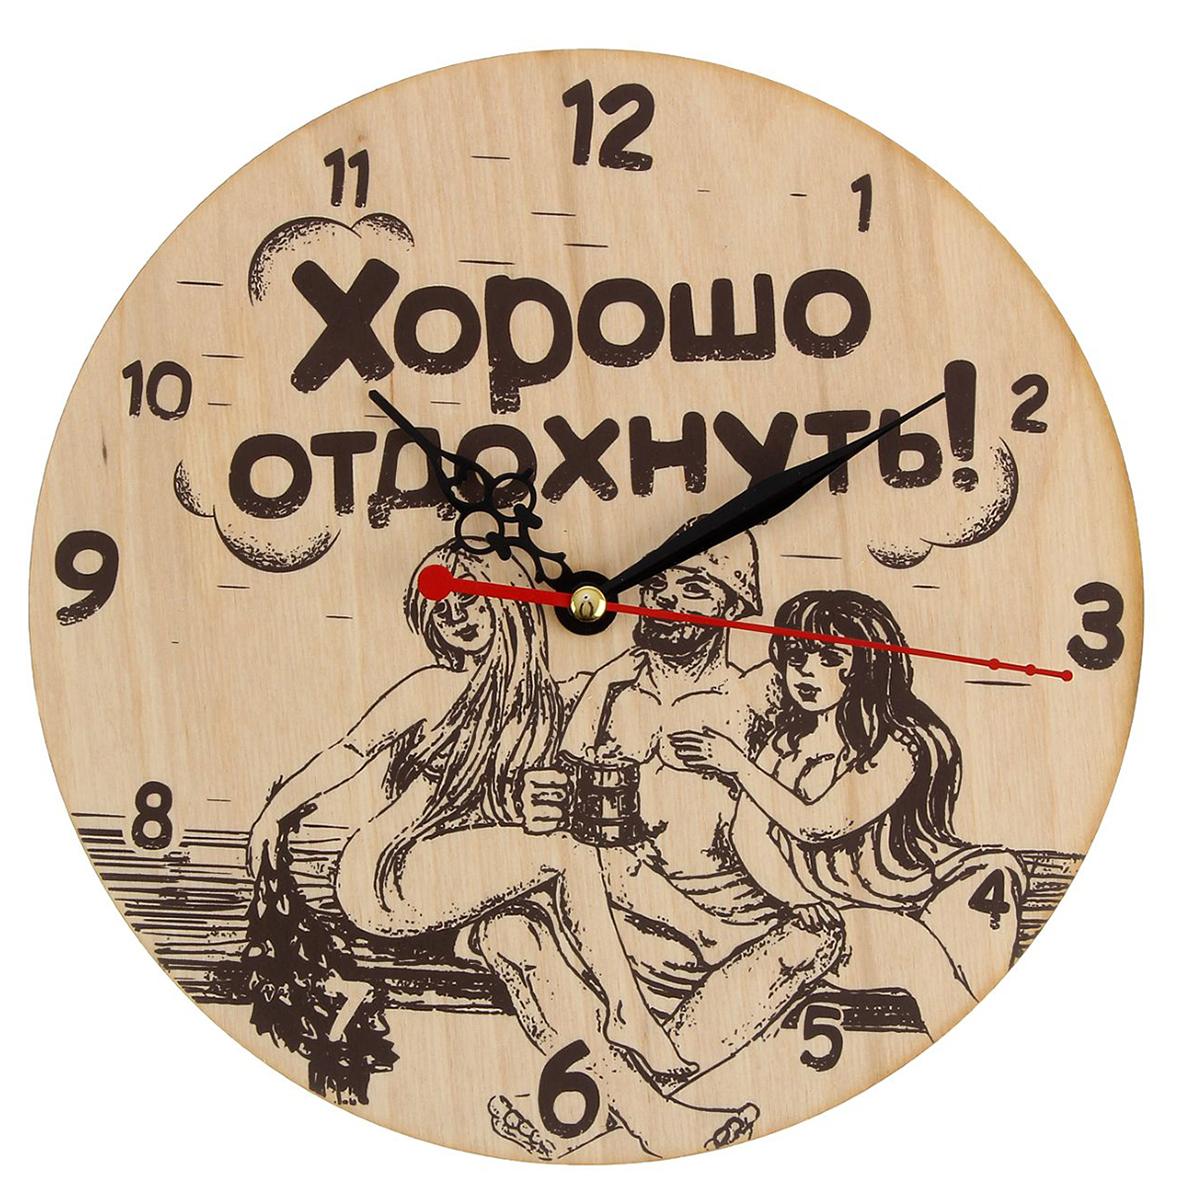 """Проводите время с пользой Настоящий мужской отдых невозможен без хорошей бани! Чтобы не потерять ощущение времени, проводя приятный досуг в отличной компании, повесьте на стену часы, но не простые, а те, что отражают настроение и вписываются в интерьер. Наши часы с пожеланием «Русская баня» станут полезным приобретением, которое будет долго радовать владельца. Если стрелки остановятся, поменяйте батарейку и вперед — париться и отдыхать!Часы """"Хорошо отдохнуть"""" печать, O25 см 1275417"""